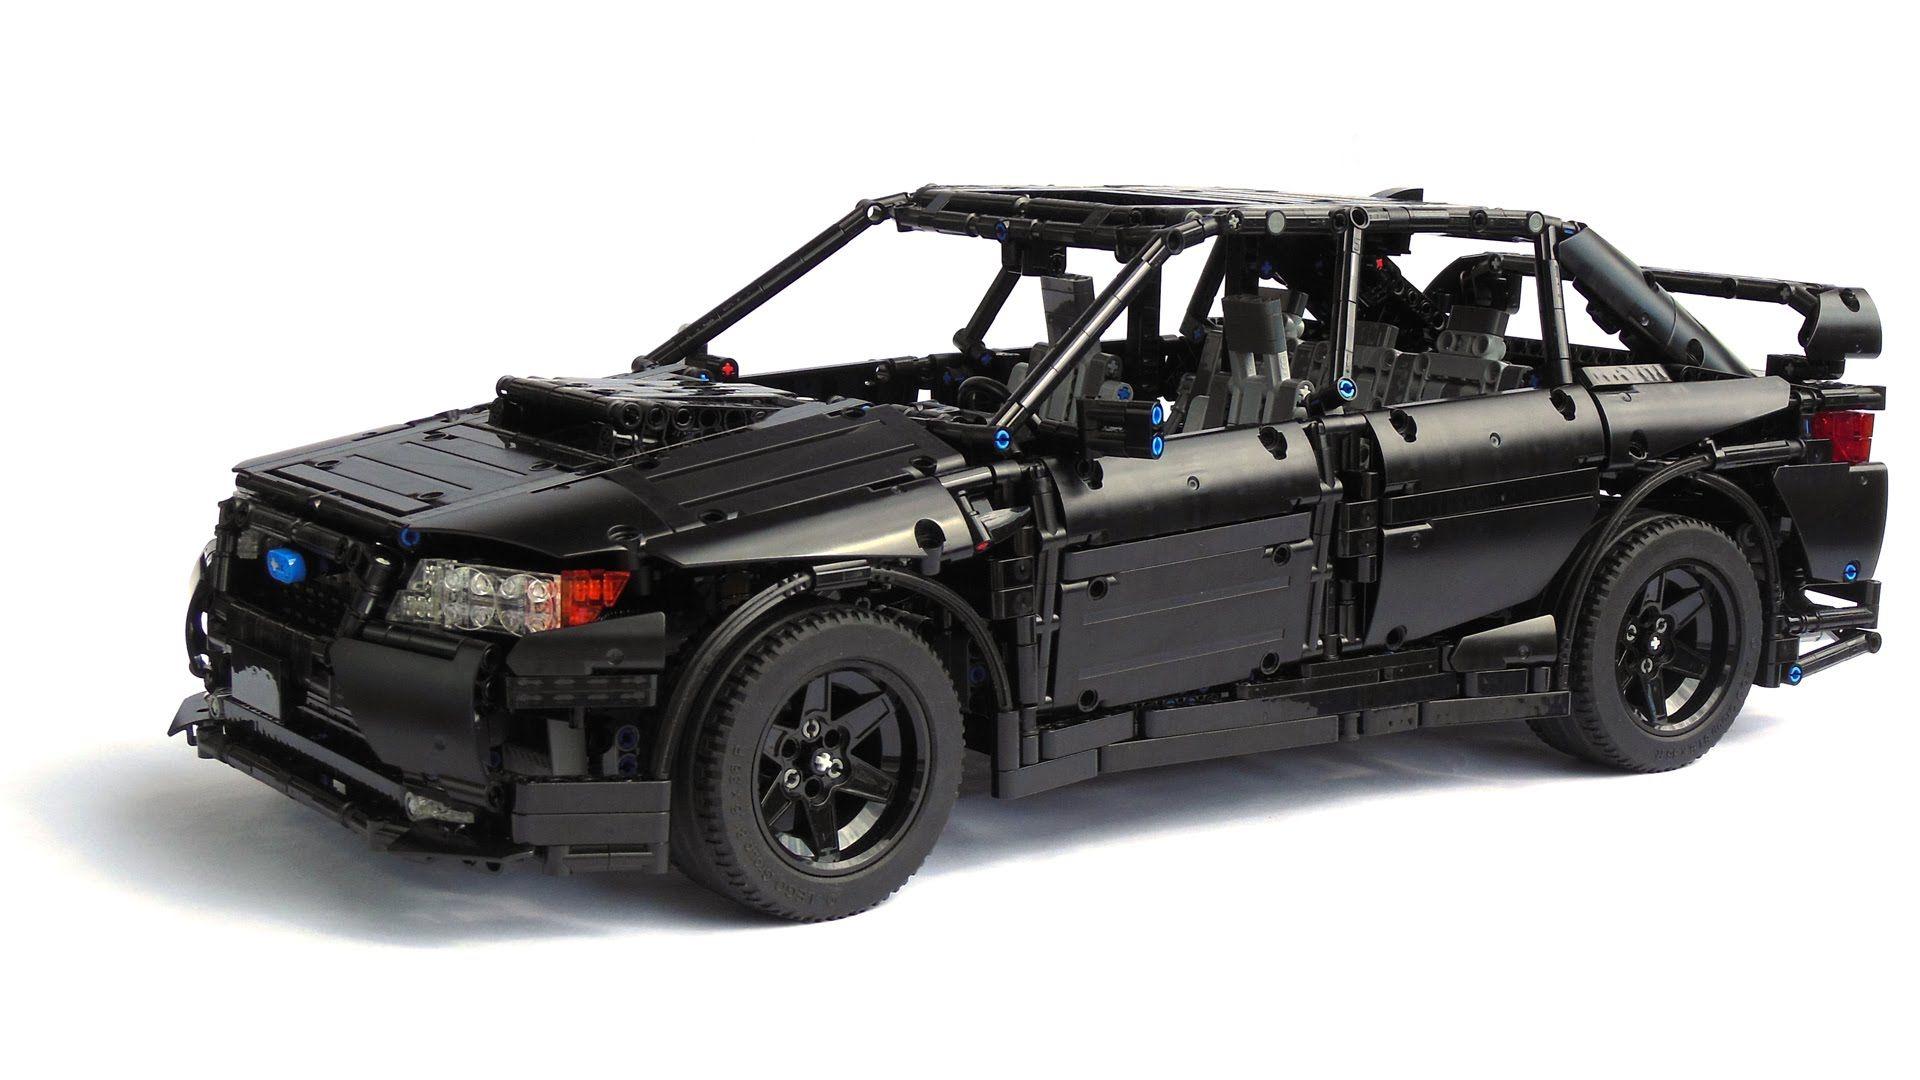 Lego Technic Subaru Impreza Wrx Sti Lukas Videos